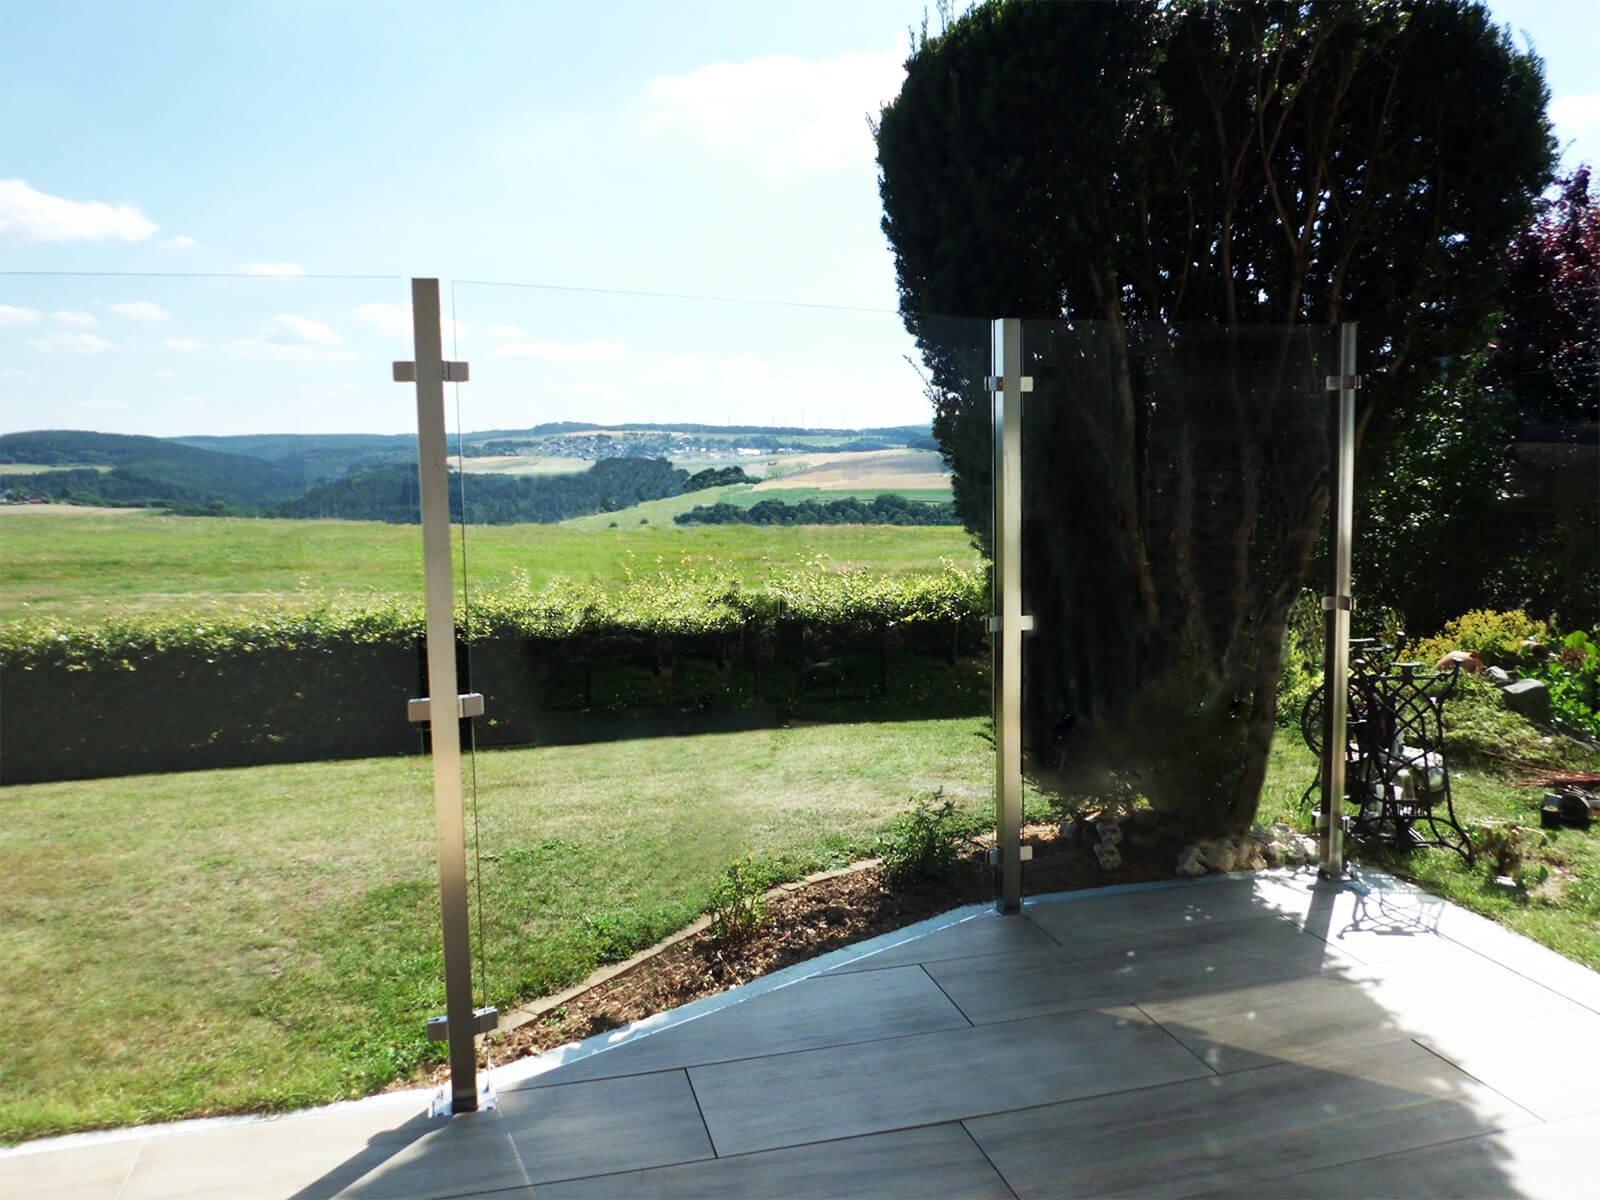 Winddichtes Glaszaunsystem Feng ohne Sichteinschränkung in eleganter Optik für Garten und  Terrasse